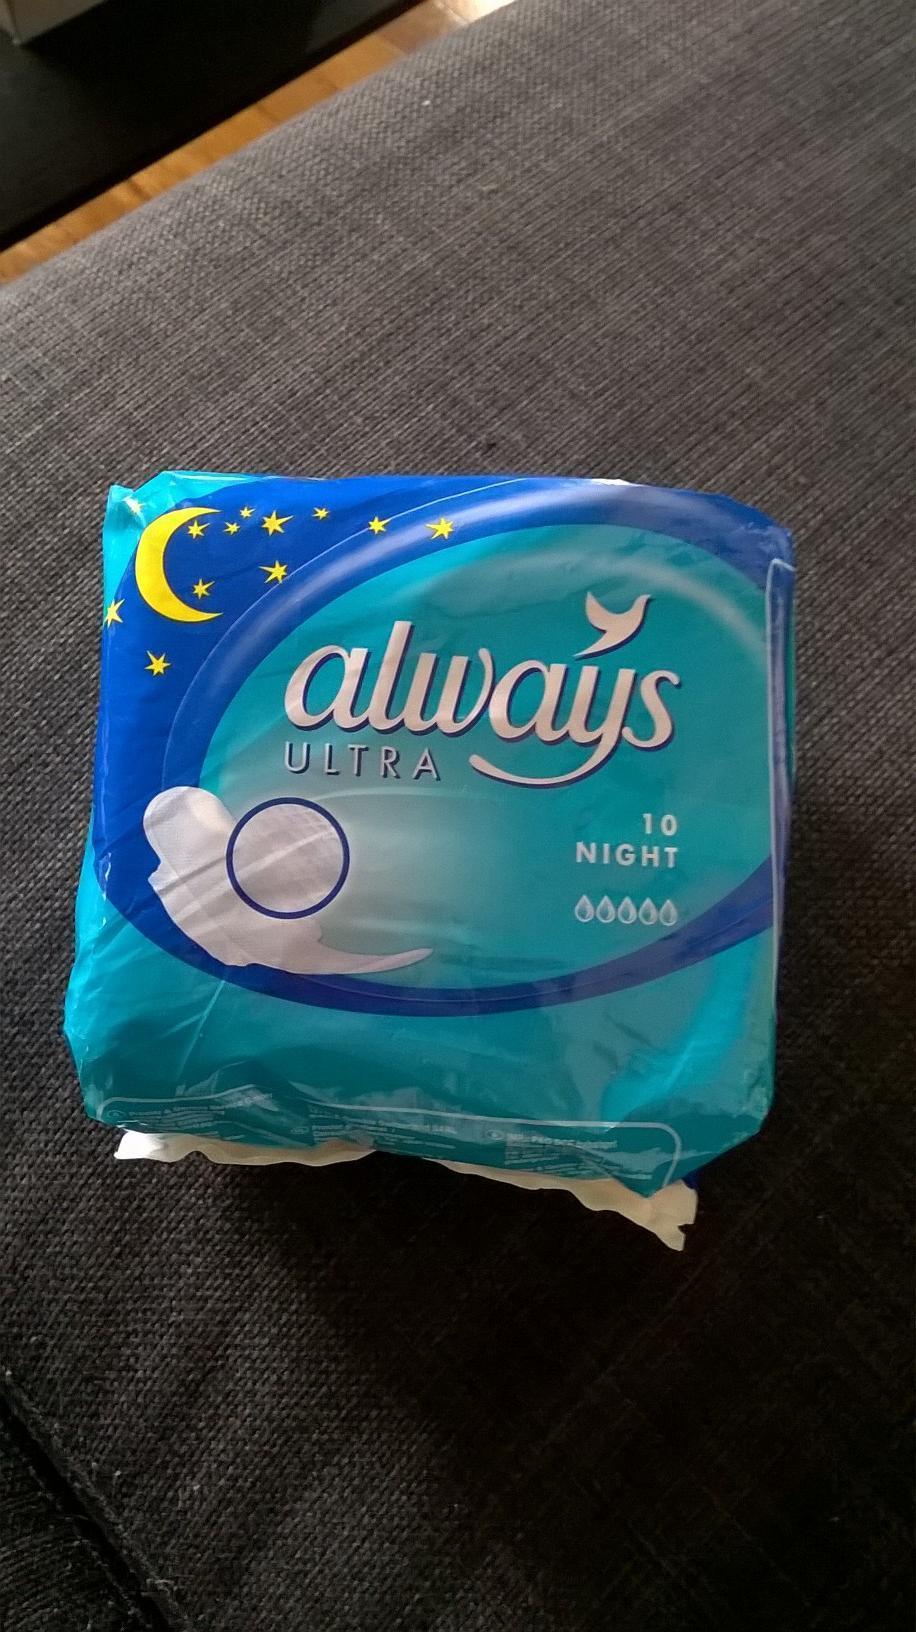 troc de troc serviettes hygiéniques image 0